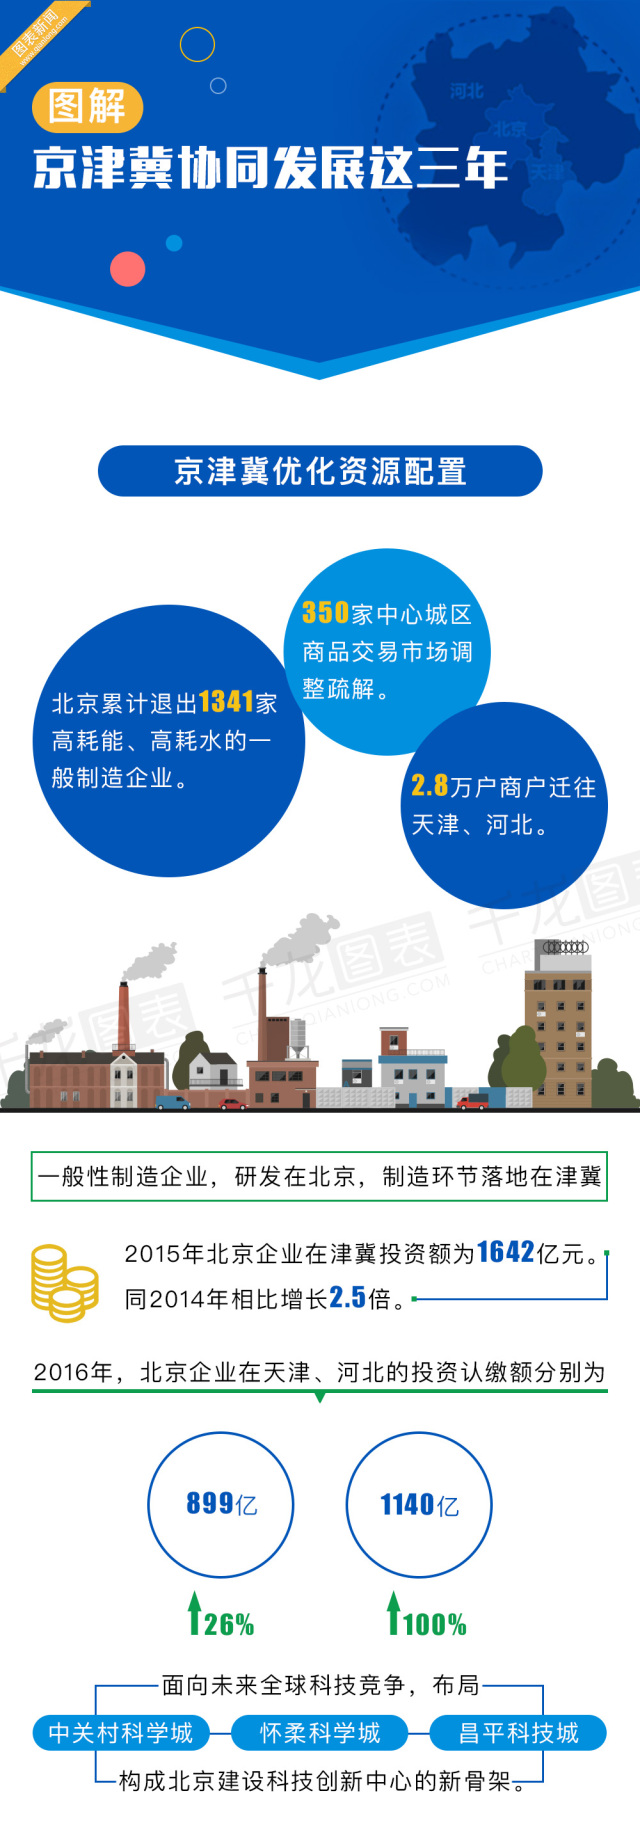 京津冀,这三年协同发展影响着你我的生活